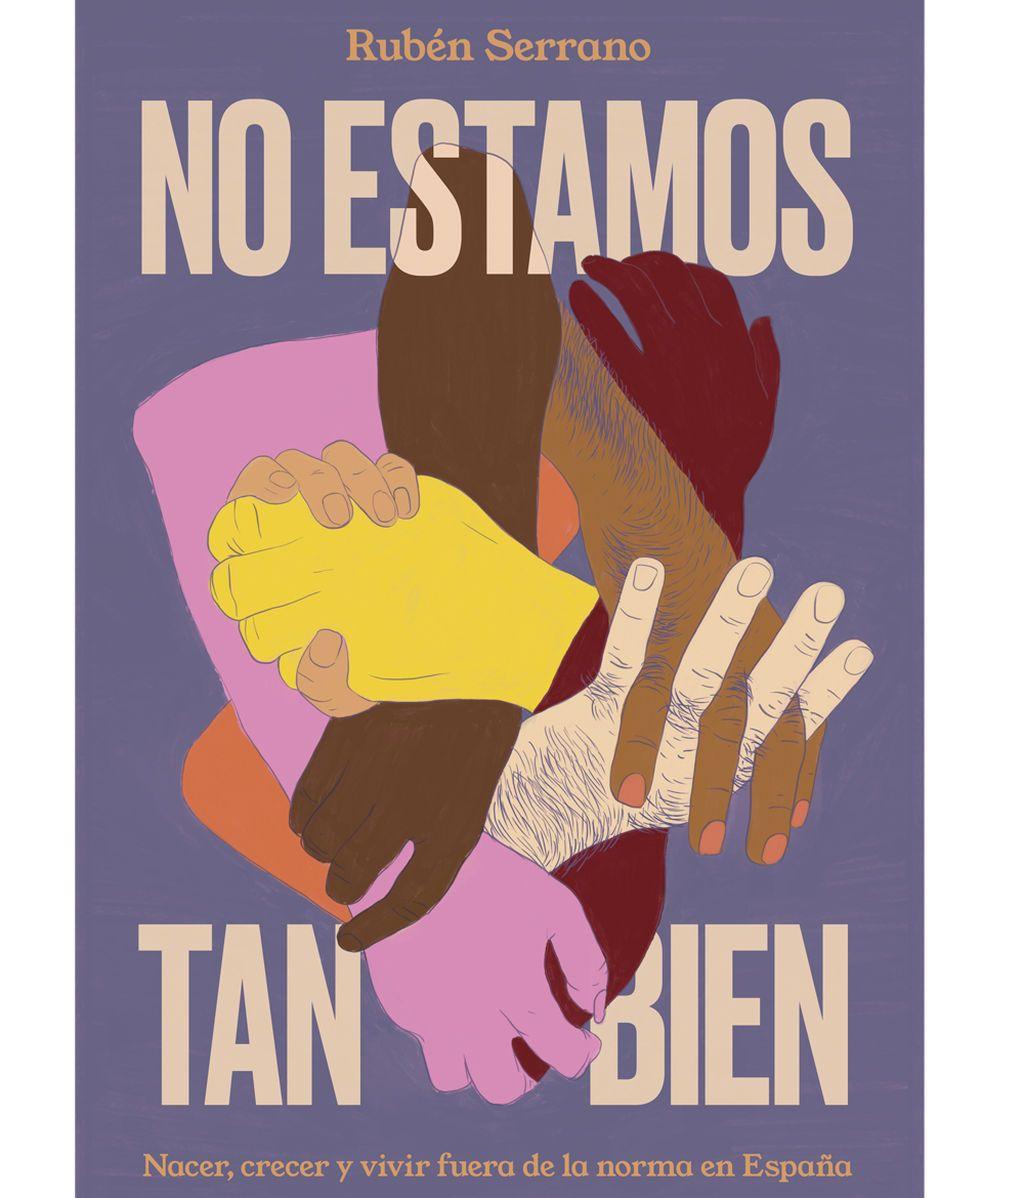 Portada del libro de Rubén Serrano, 'No estamos tan bien'